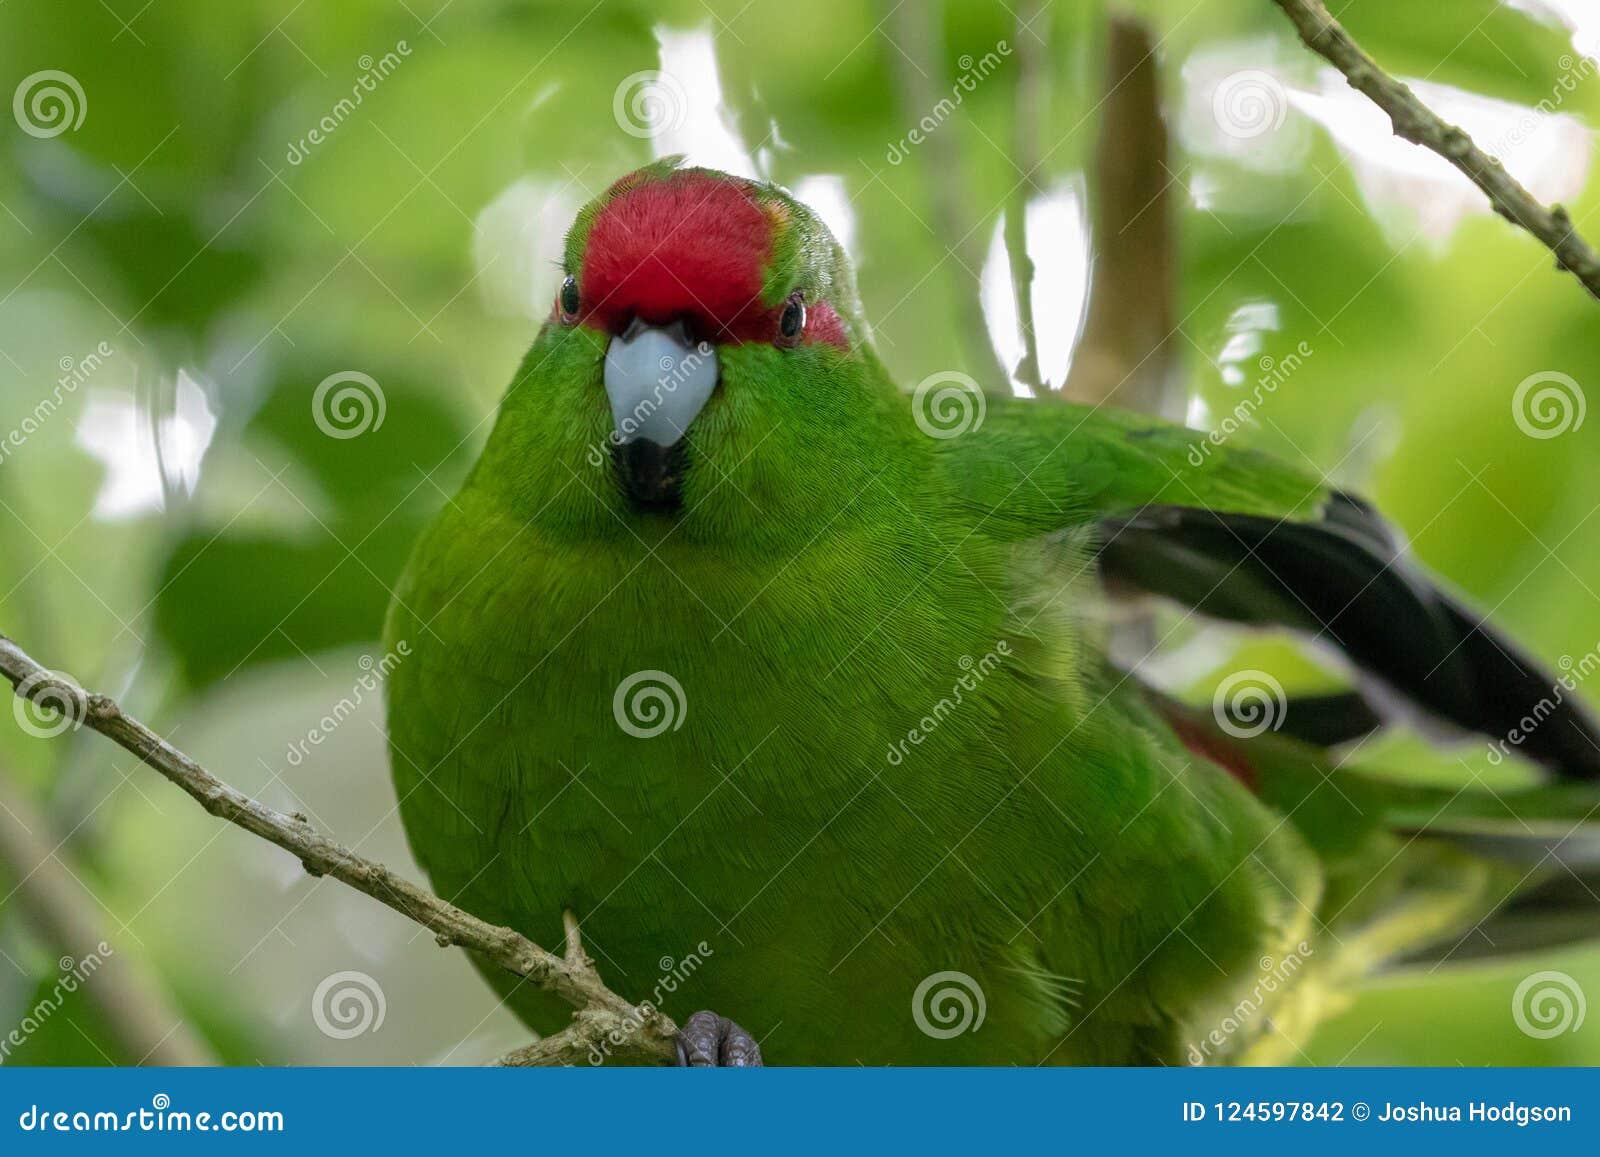 Kakariki, periquito verde coronado rojo de Nueva Zelanda